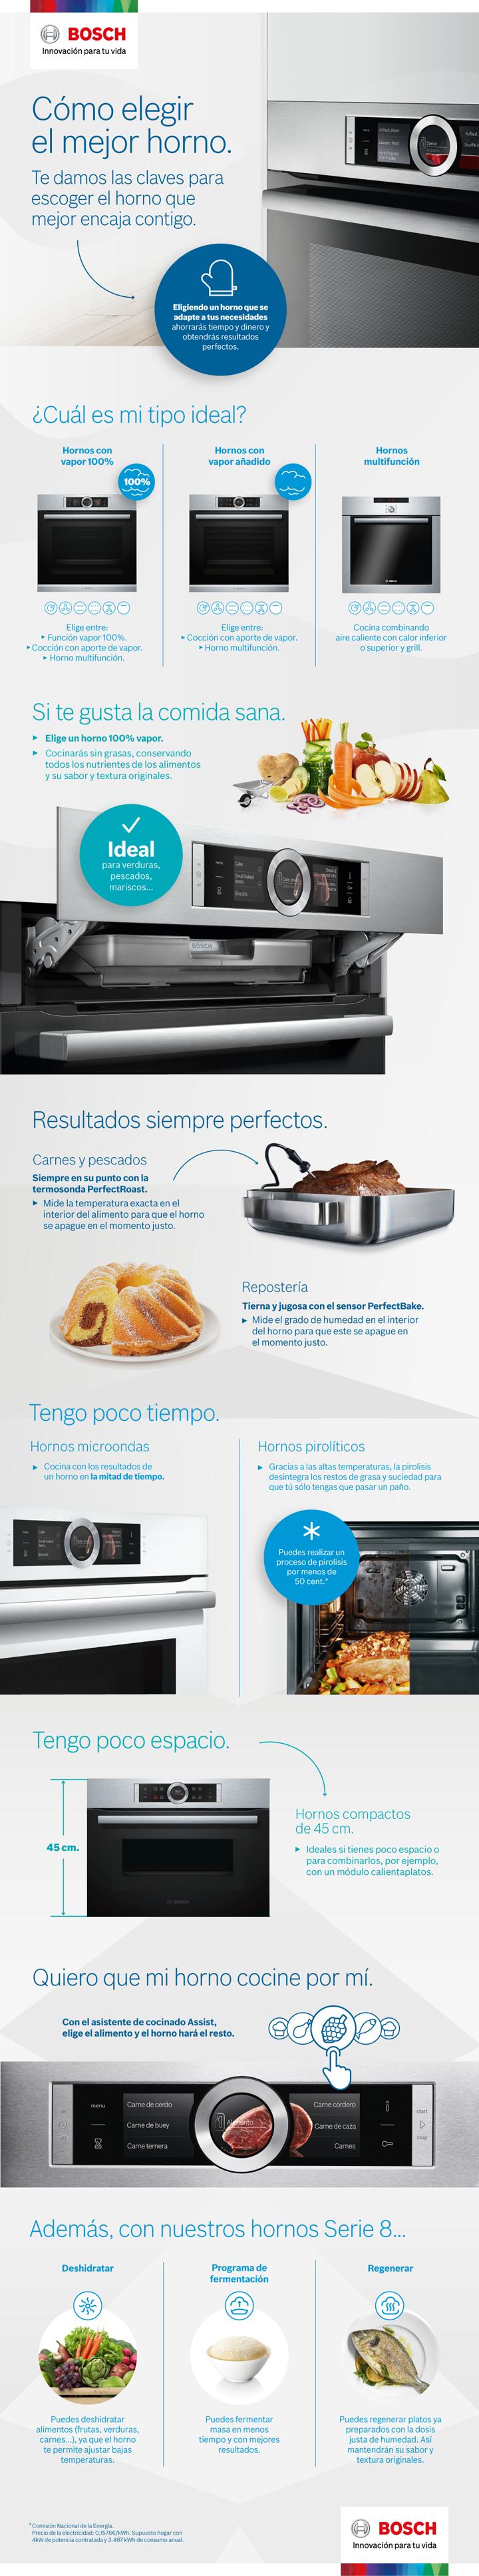 Cómo elegir el mejor horno 720- Infografía